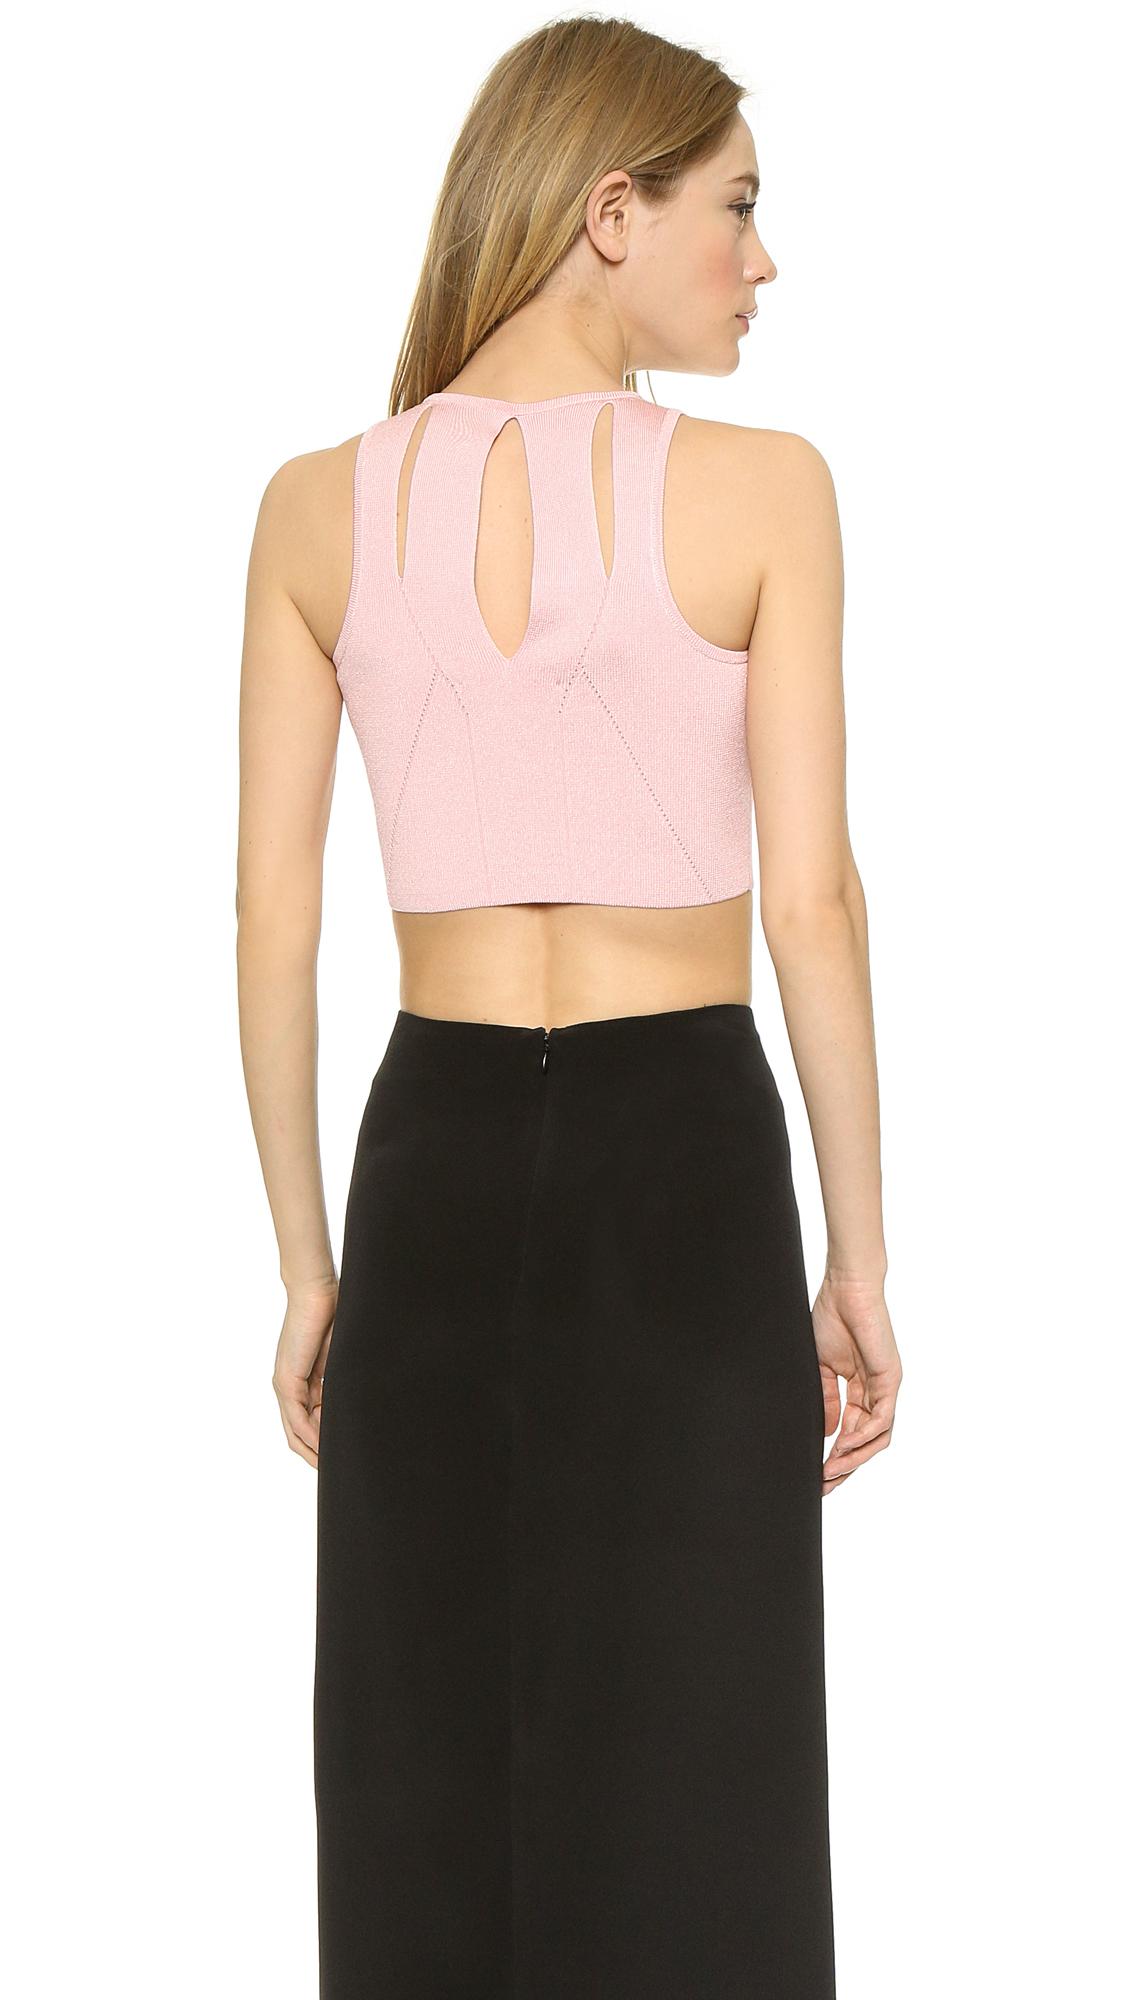 cca85060b74f2 Lyst - Cushnie et Ochs Knit Crop Top - Pink in Pink